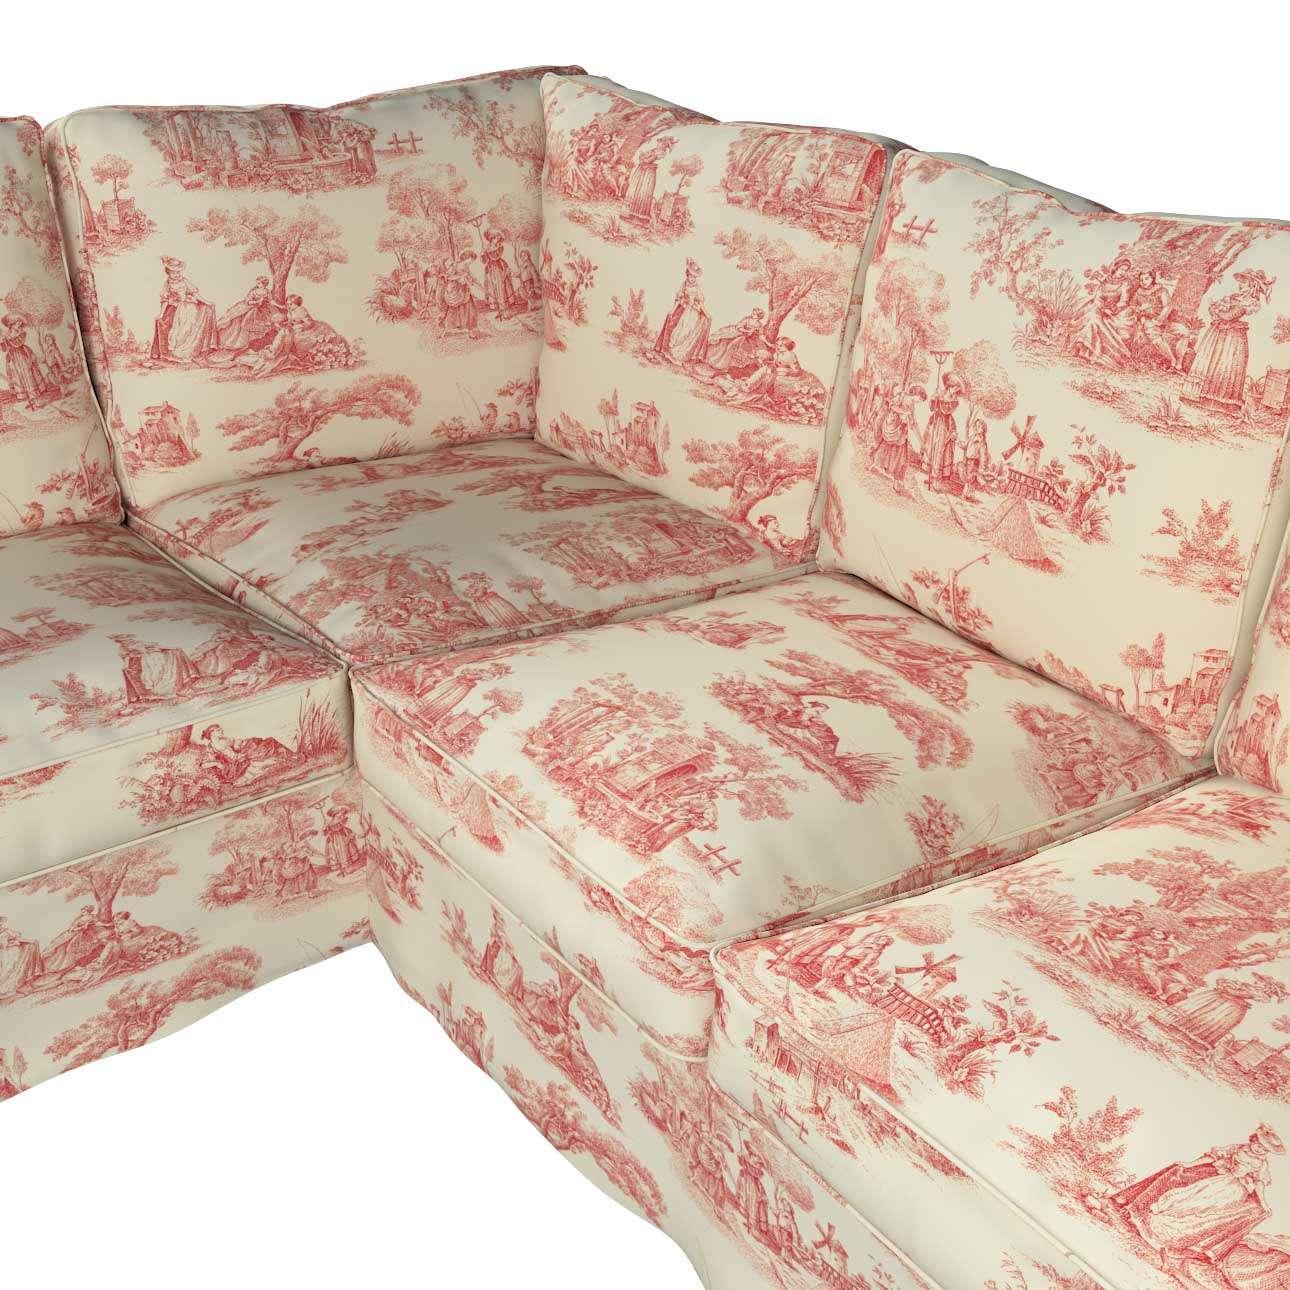 Pokrowiec na sofę narożną Ektorp w kolekcji Avinon, tkanina: 132-15